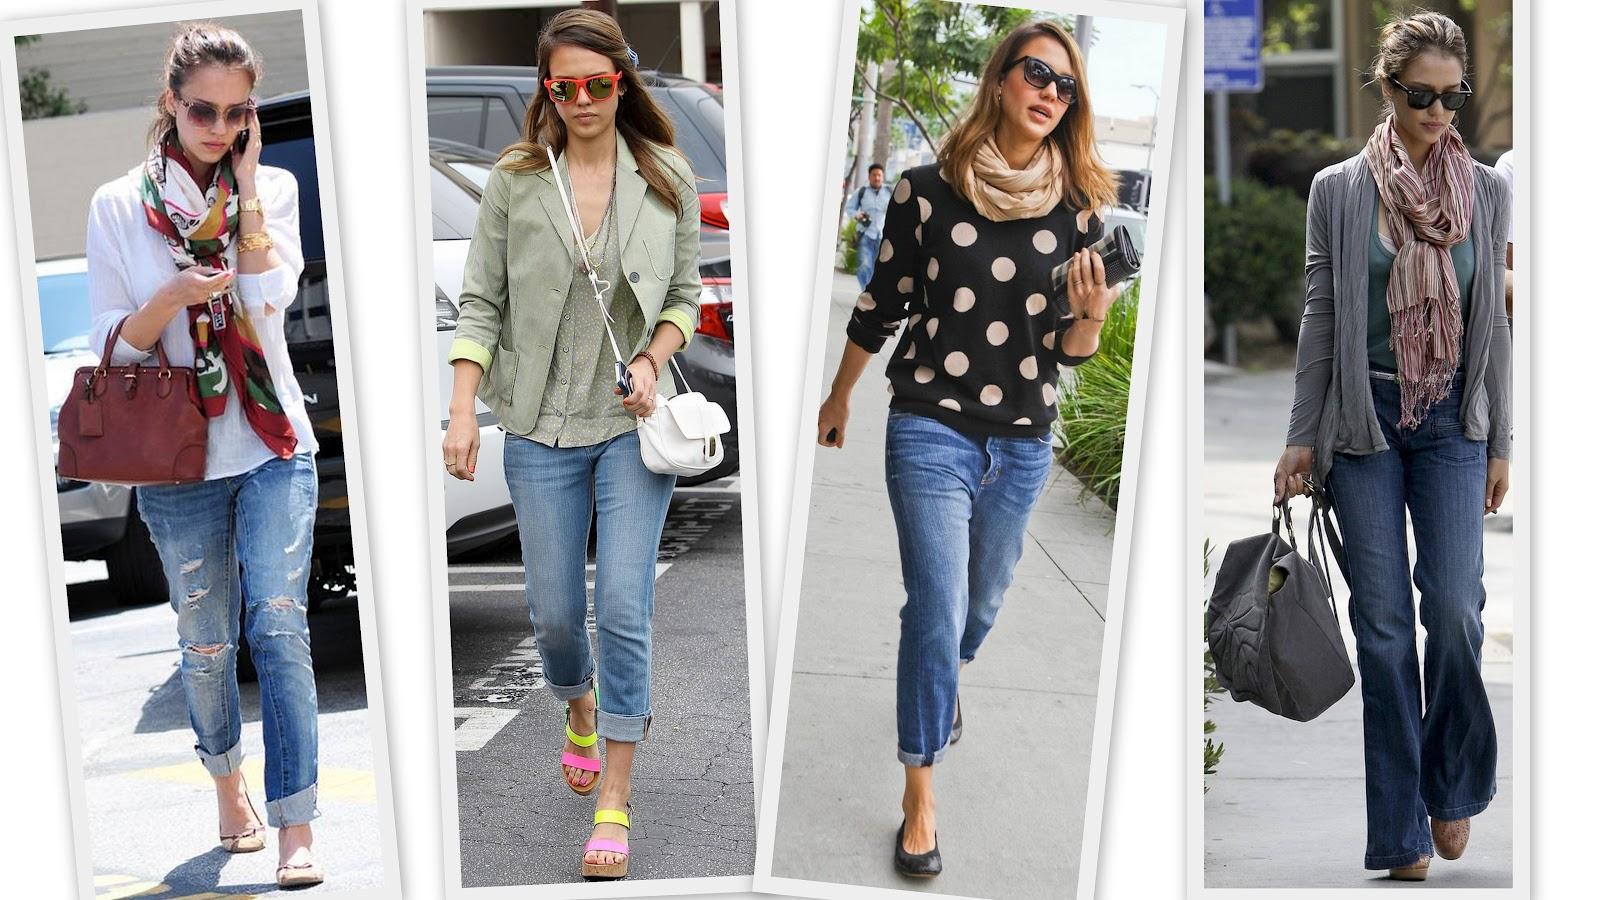 Mujeres con estilo unico jessica alba mejor estilo jeans Jessica alba fashion and style